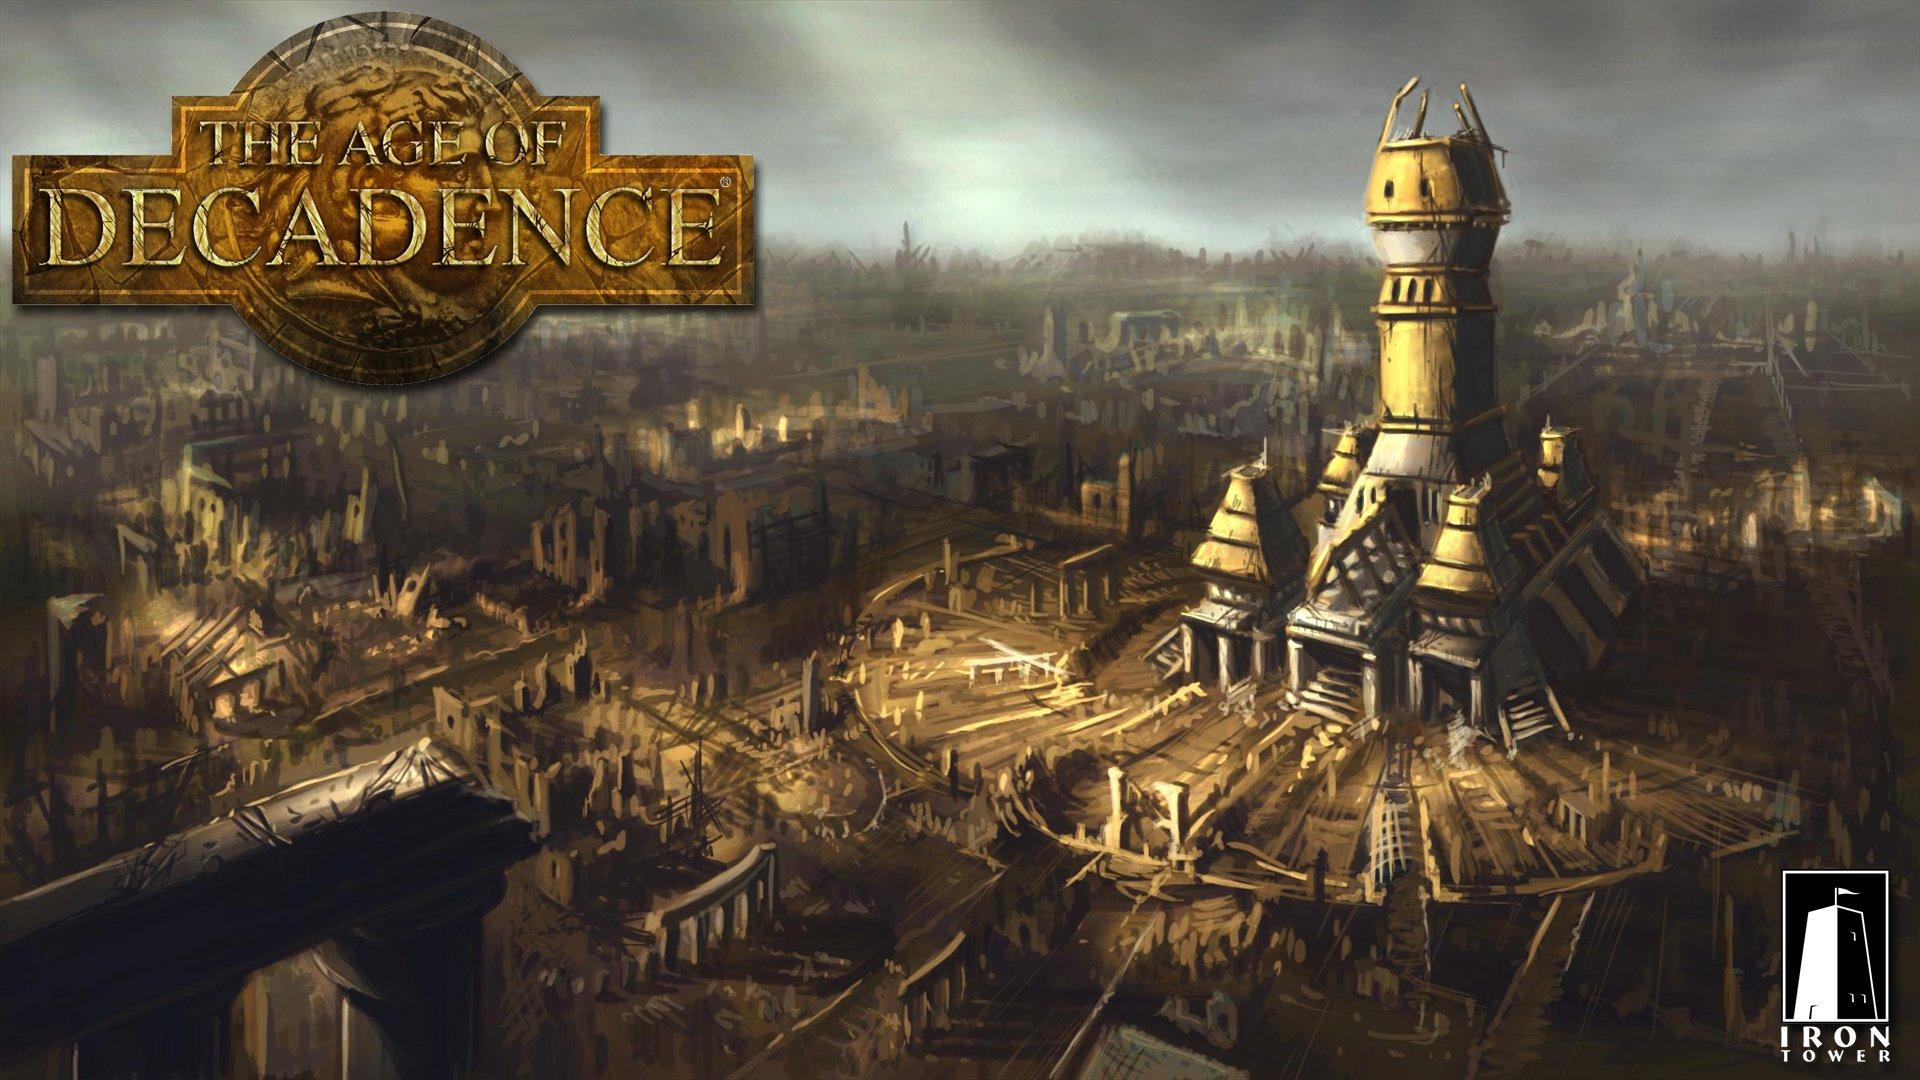 [The Age of Decadence] Фанатик и его RPG. Часть 3, заключительная.. - Изображение 1